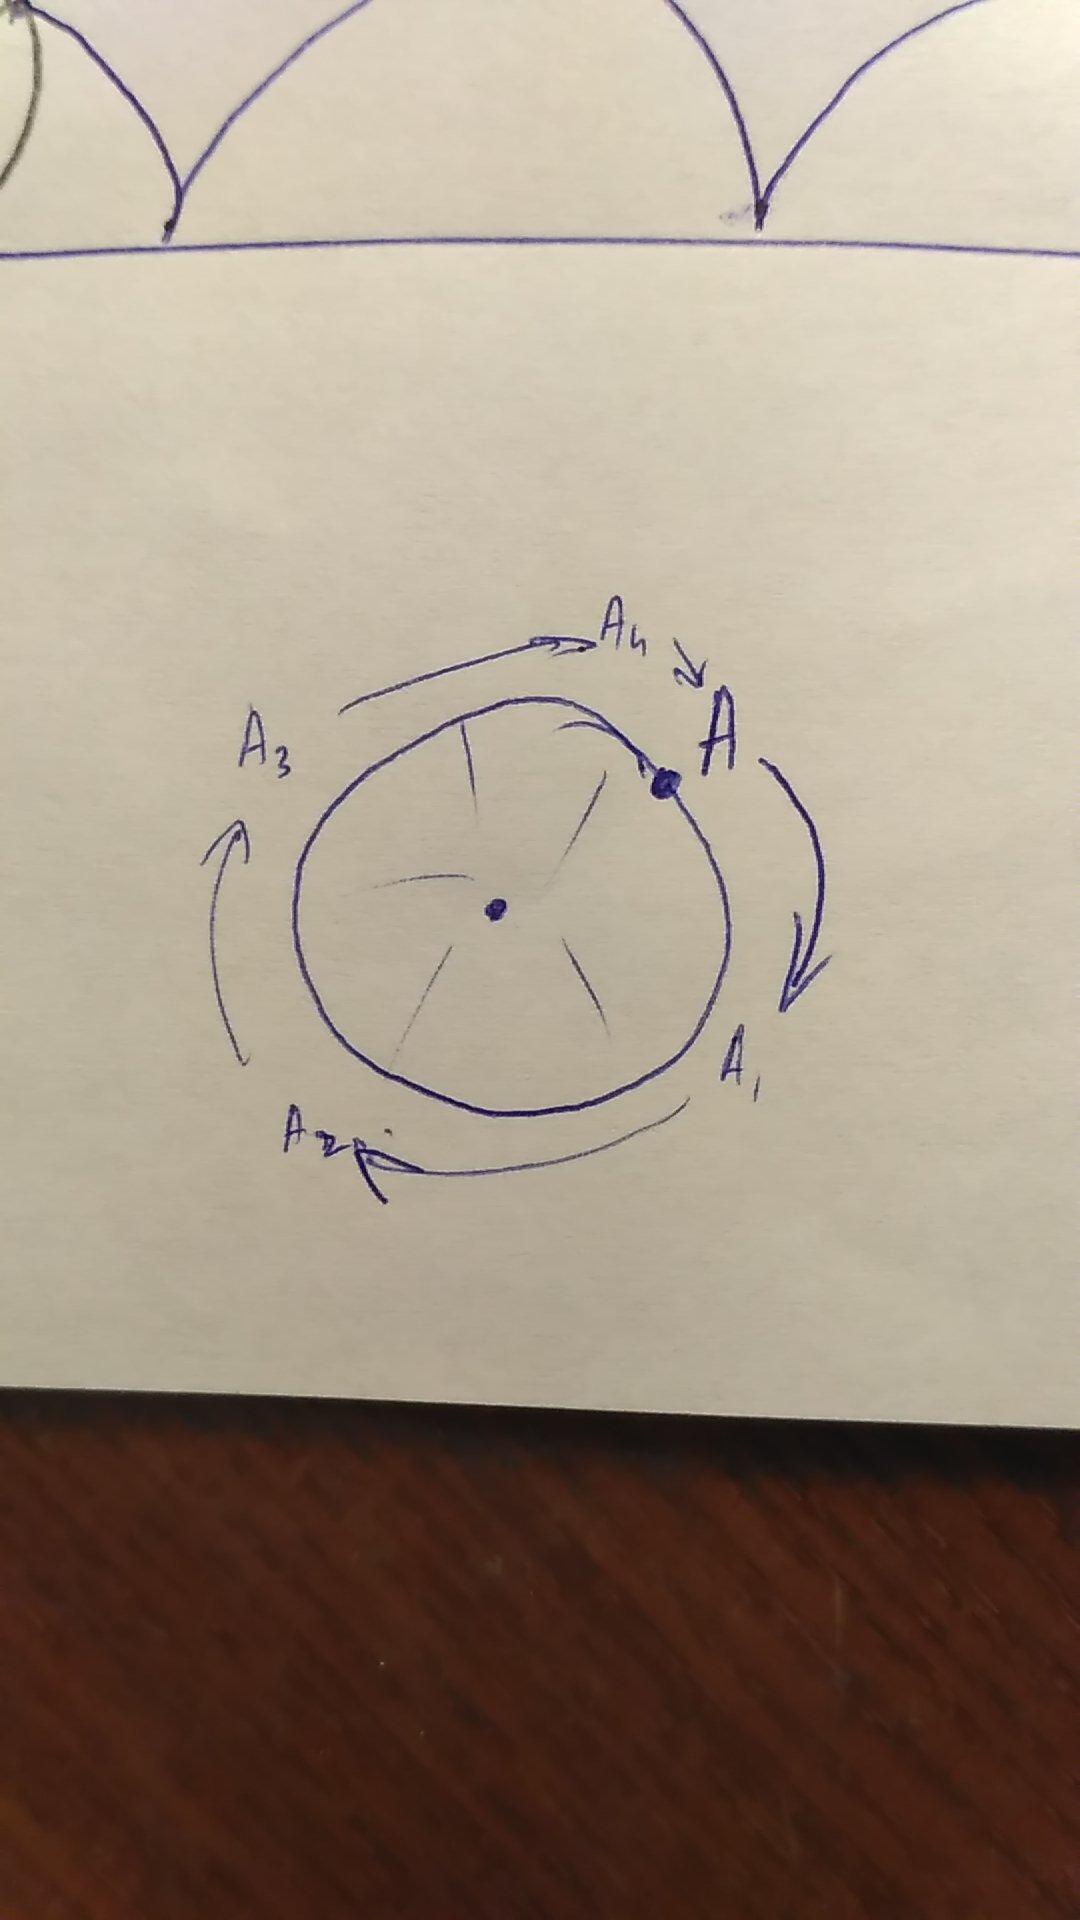 Изобразите схематически траекторию движения точек 552